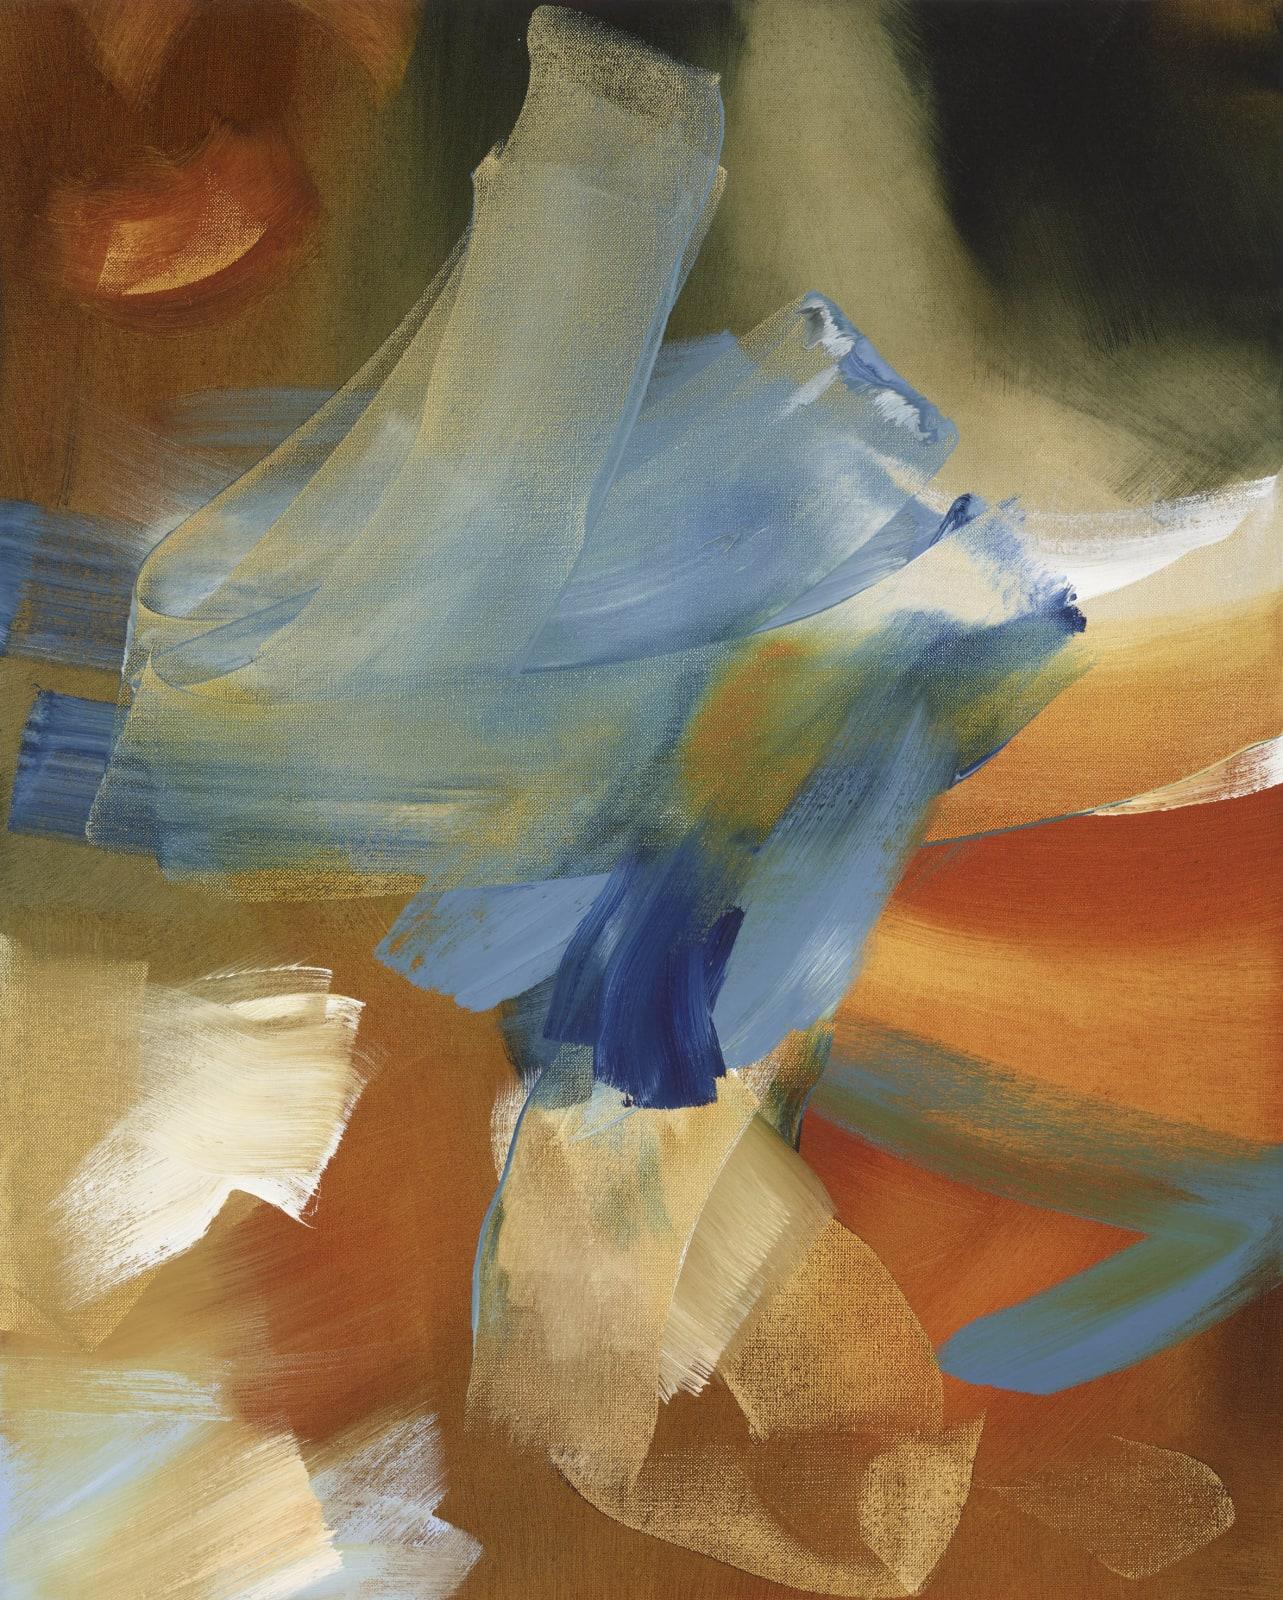 Medium Study for Cloud oil on canvas 76cm x 61cm (30